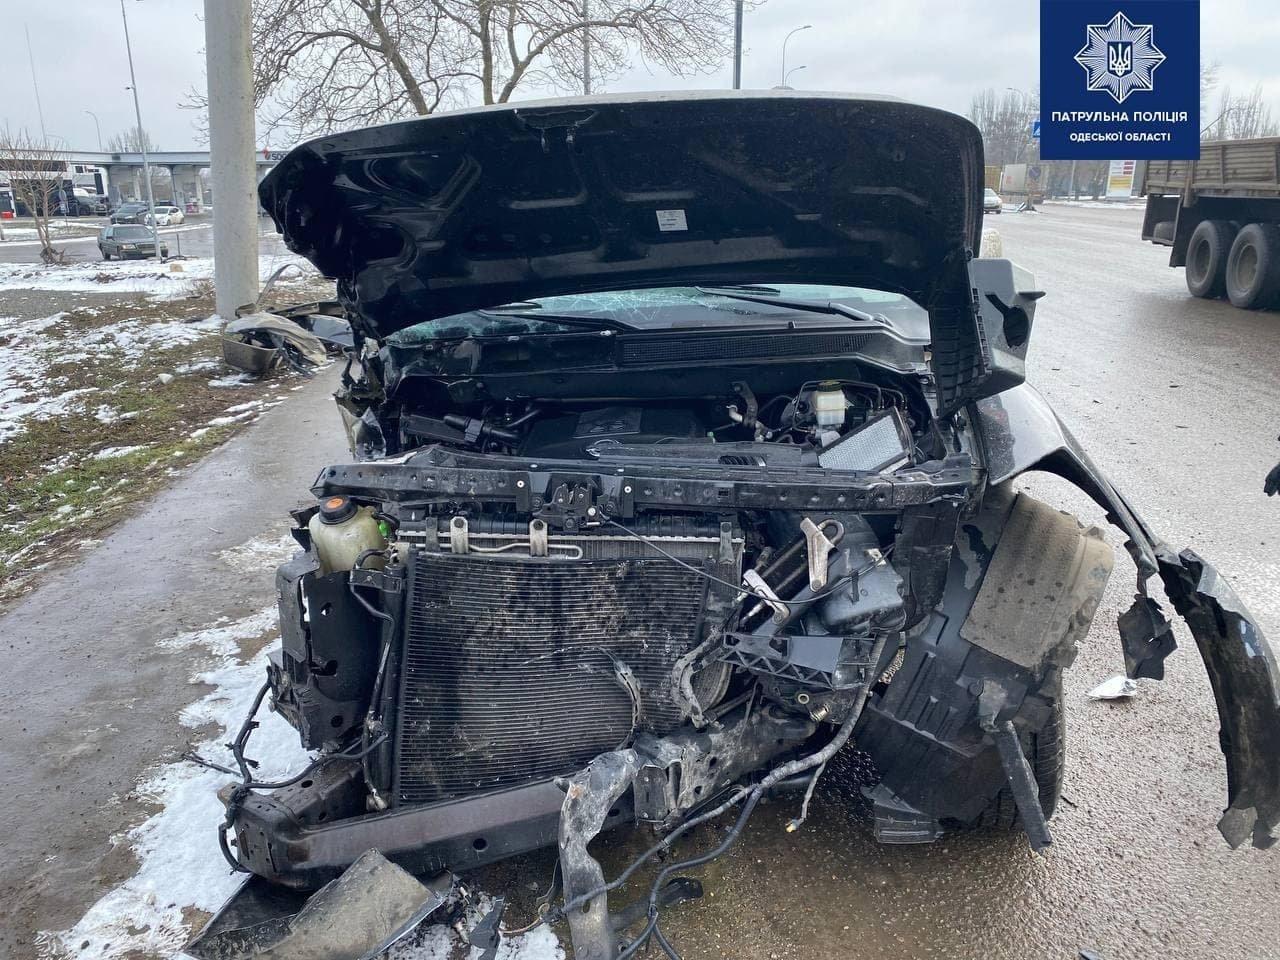 Под Одессой автомобиль врезался в столб, водителя госпитализировали,  - ФОТО, фото-2